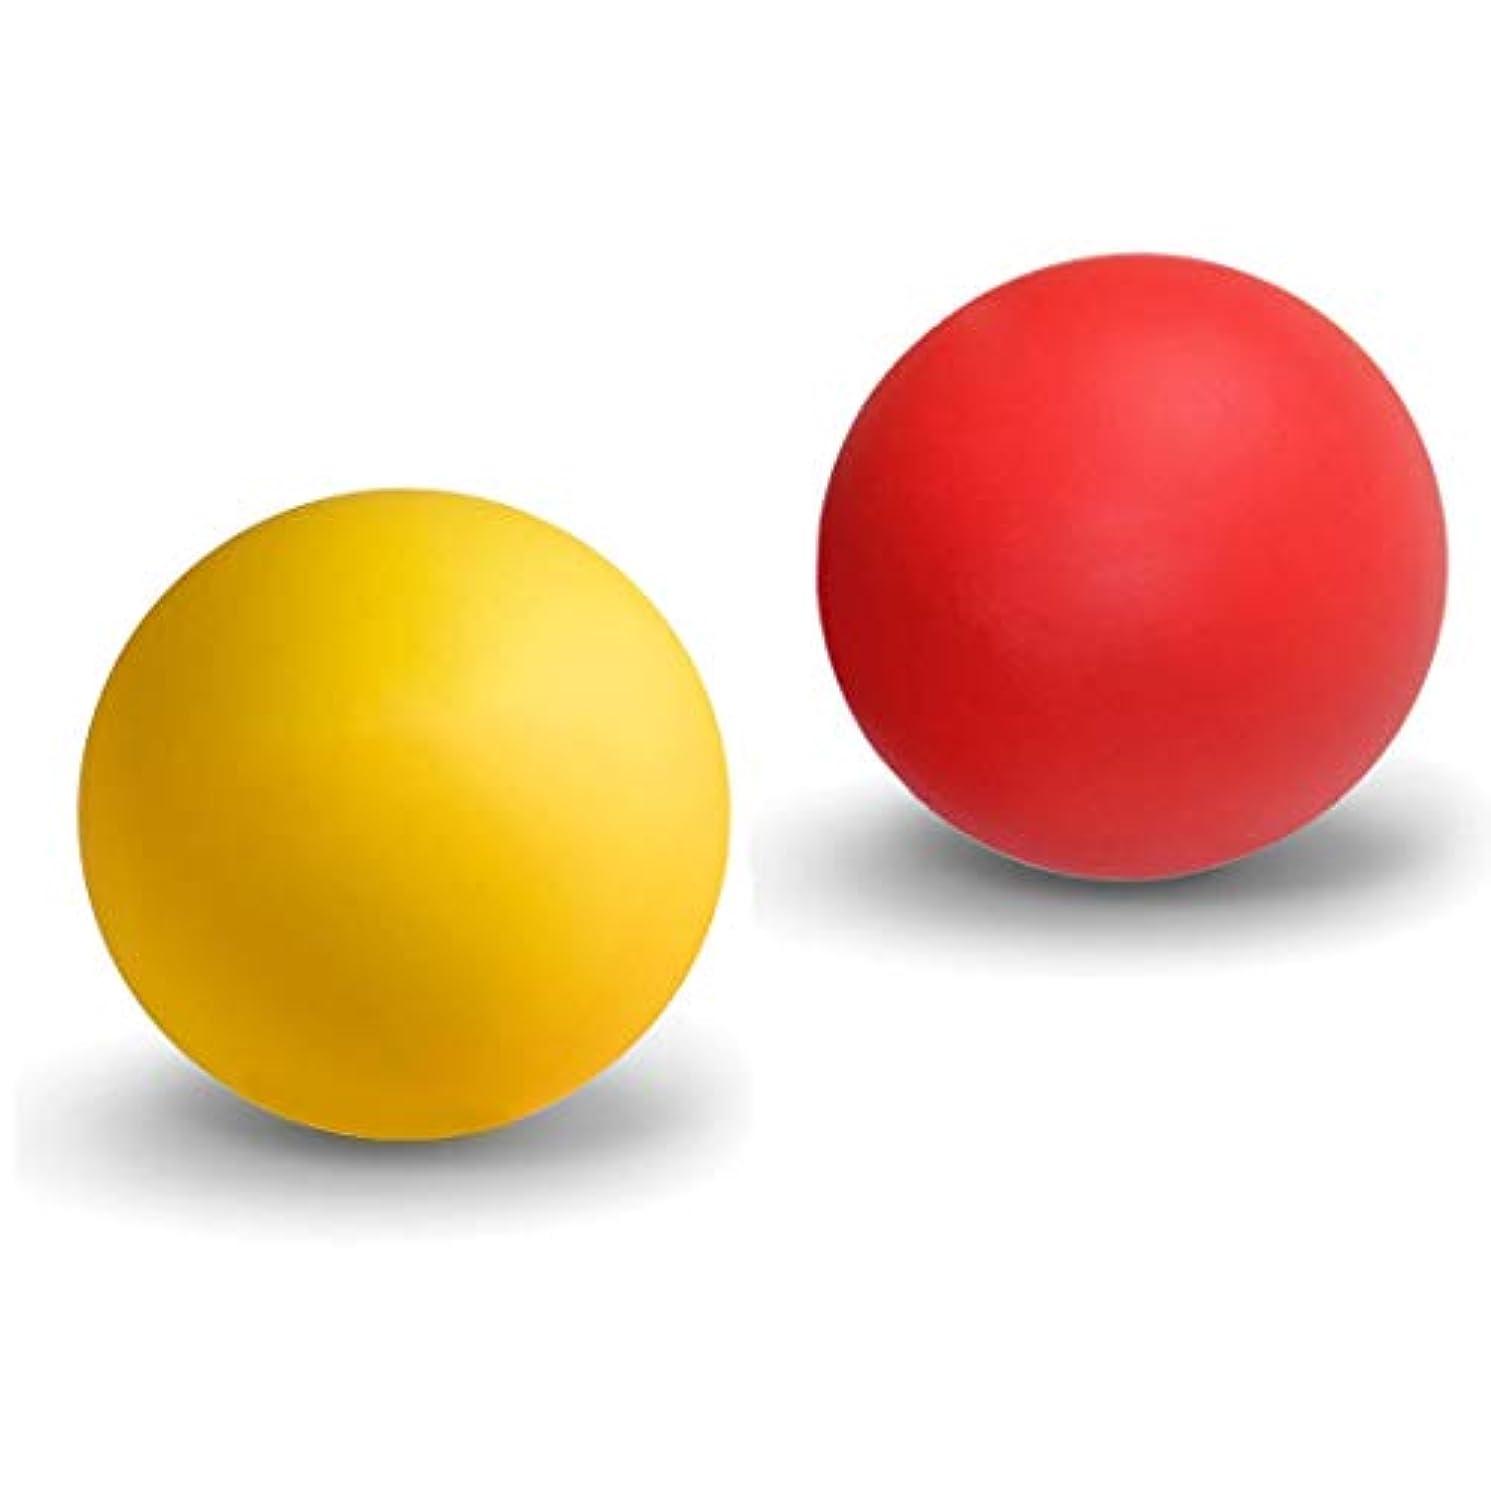 ファンタジー宿る刺すマッサージボール ストレッチボール トリガーポイント ラクロスボール 筋膜リリース トレーニング 指圧ボールマッスルマッサージボール 背中 肩こり 腰 ふくらはぎ 足裏 ツボ押しグッズ 2で1組み合わせ 2個 セット